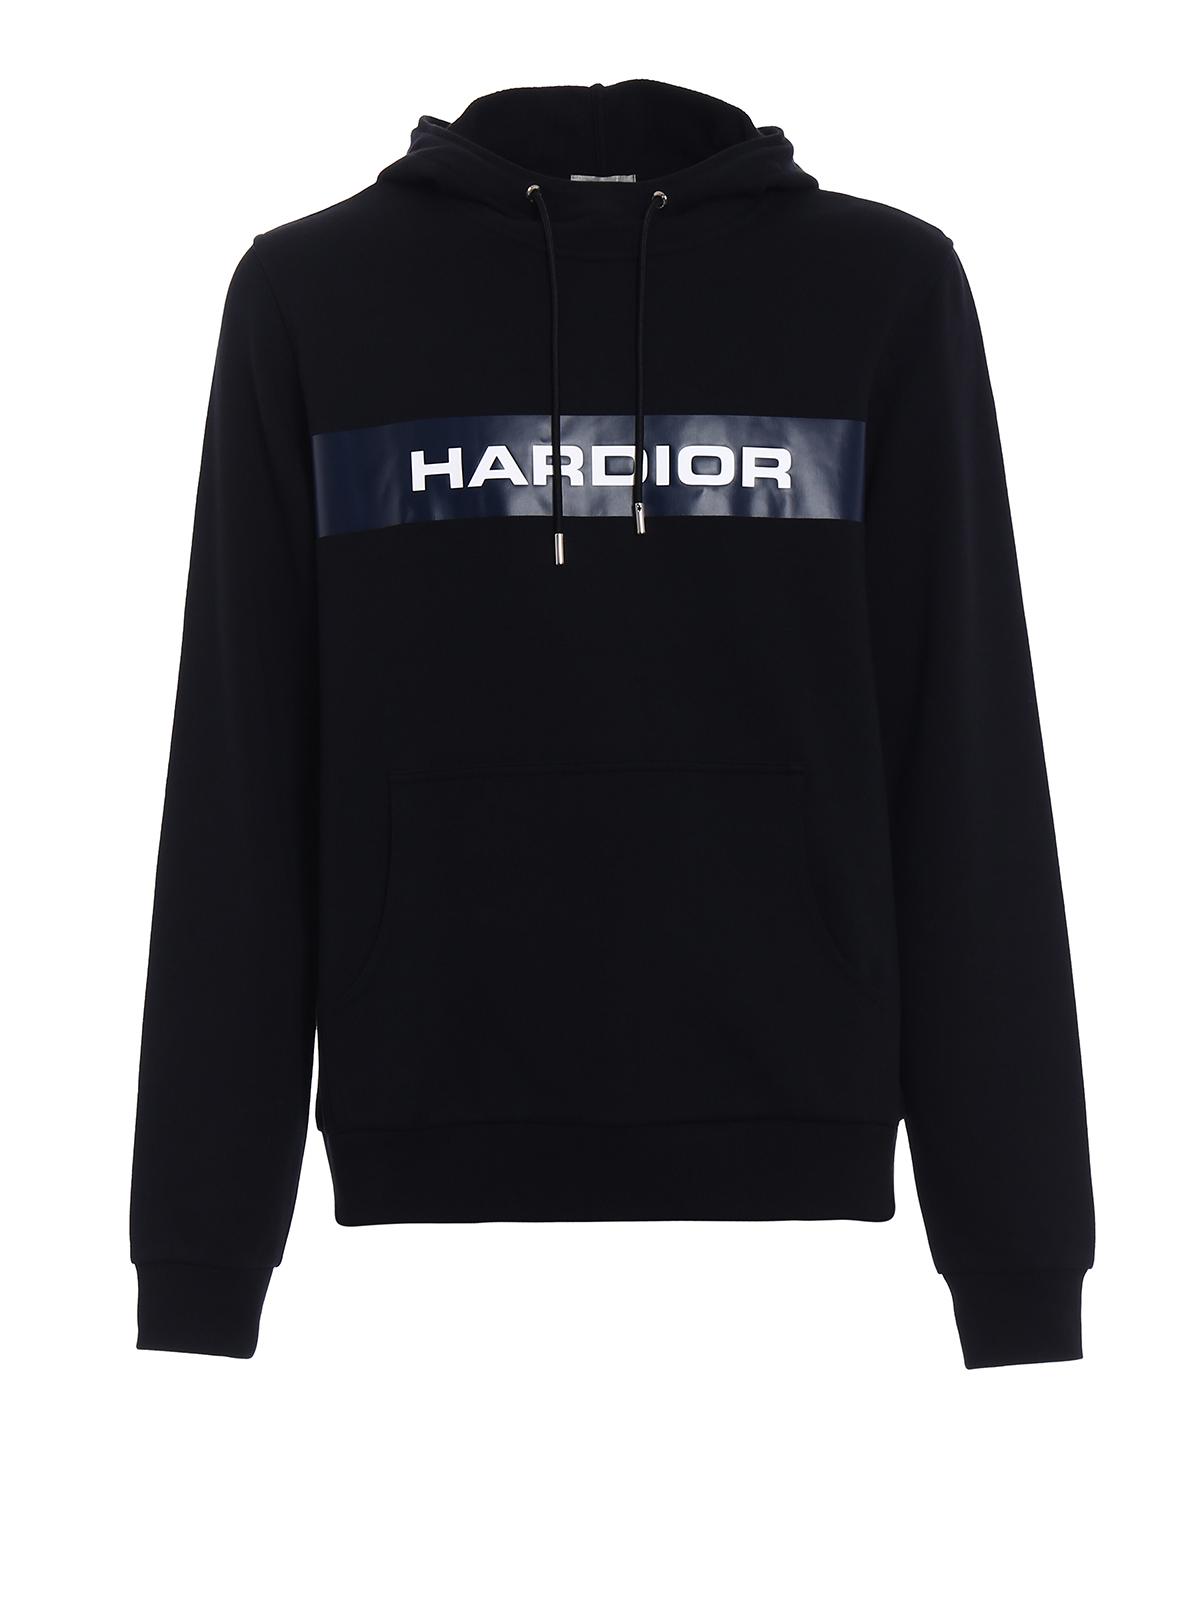 rivenditore online 4e3f8 65cd3 Dior - Felpa in cotone con banda Hardior - Felpe e maglie ...